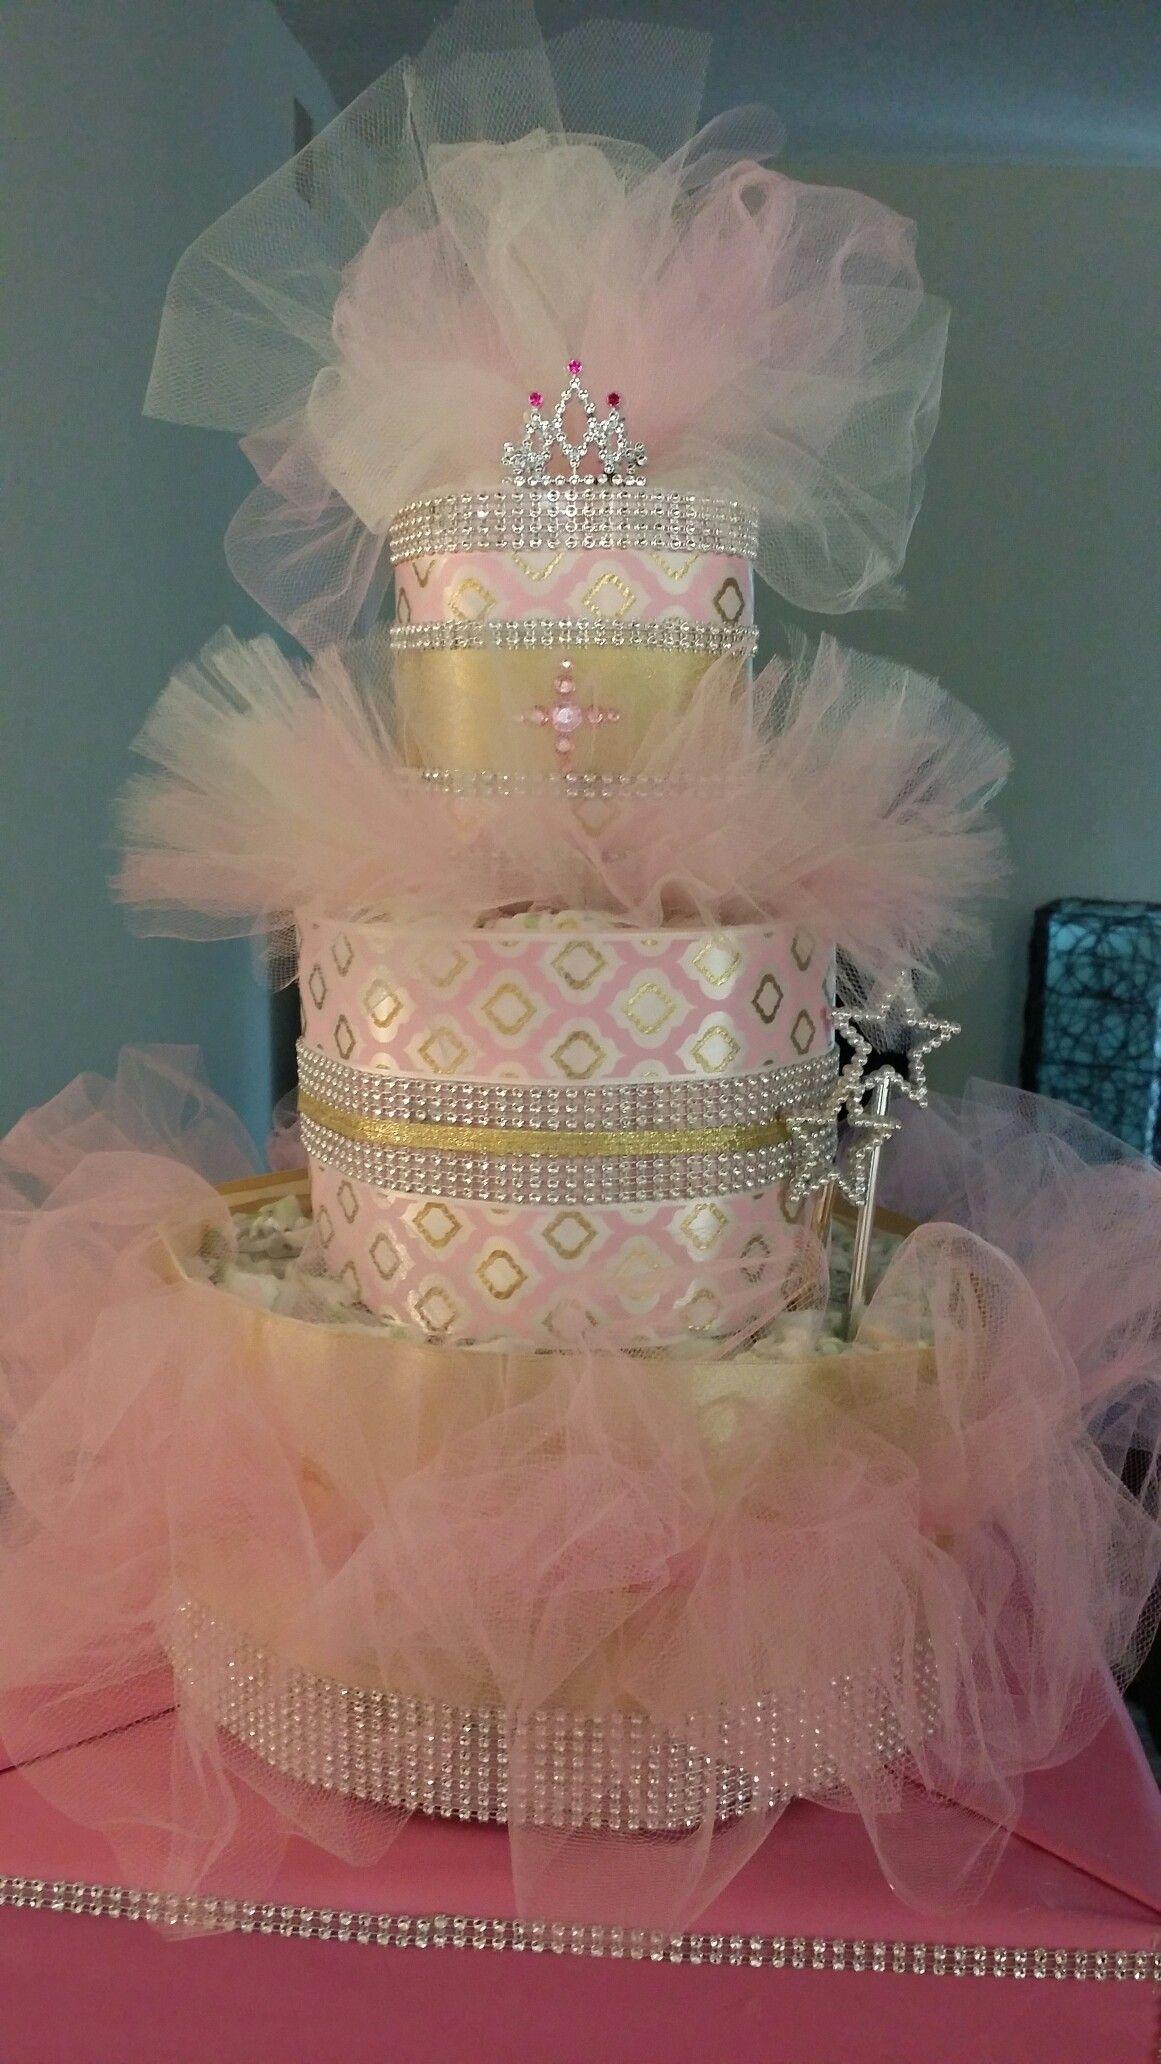 Princess Diaper Cake...